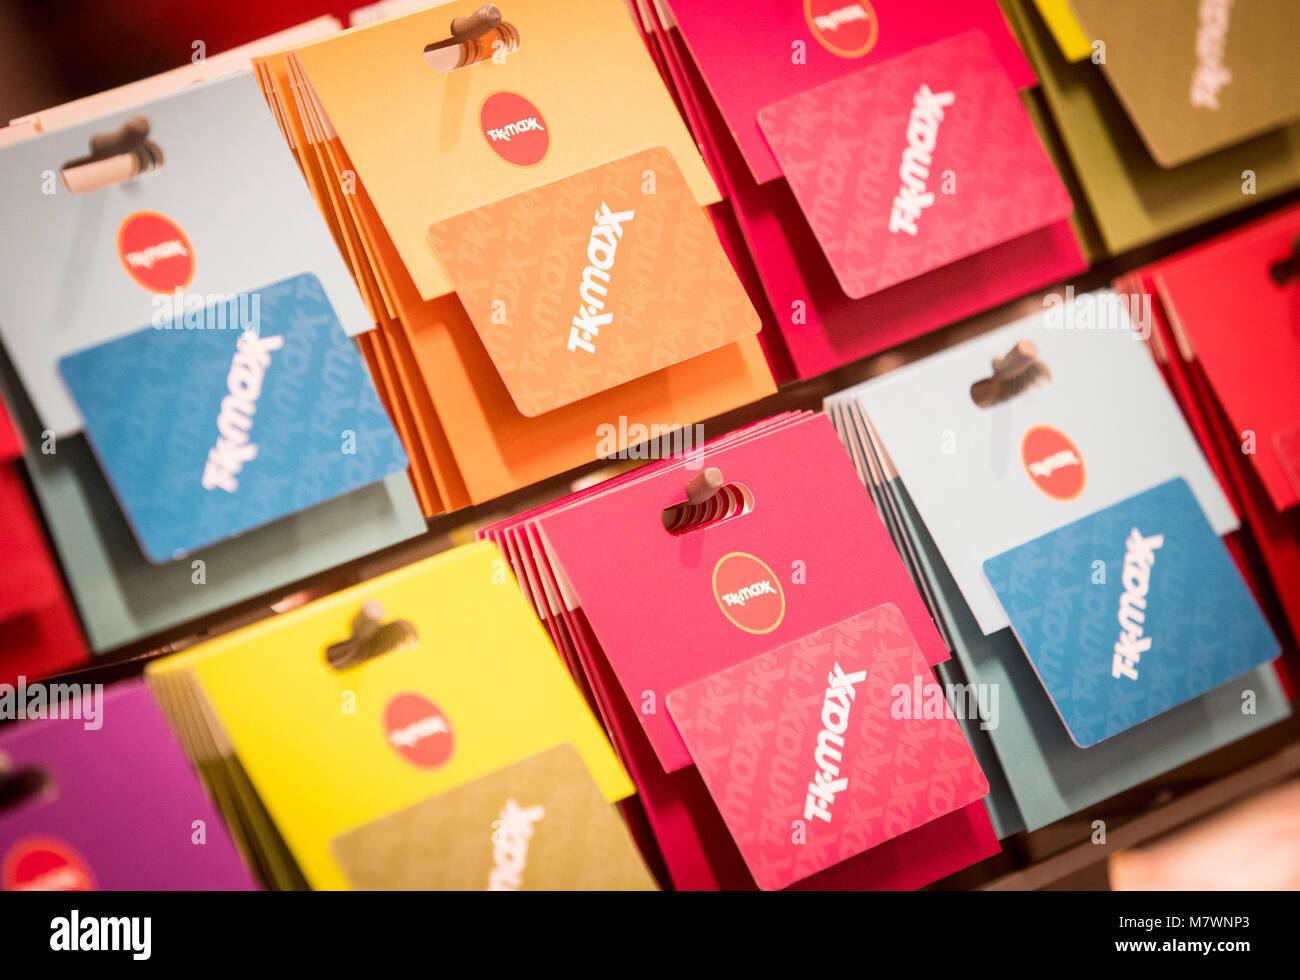 TK Maxx cartes-cadeaux à l'écran dans un magasin TK Maxx Photo Stock